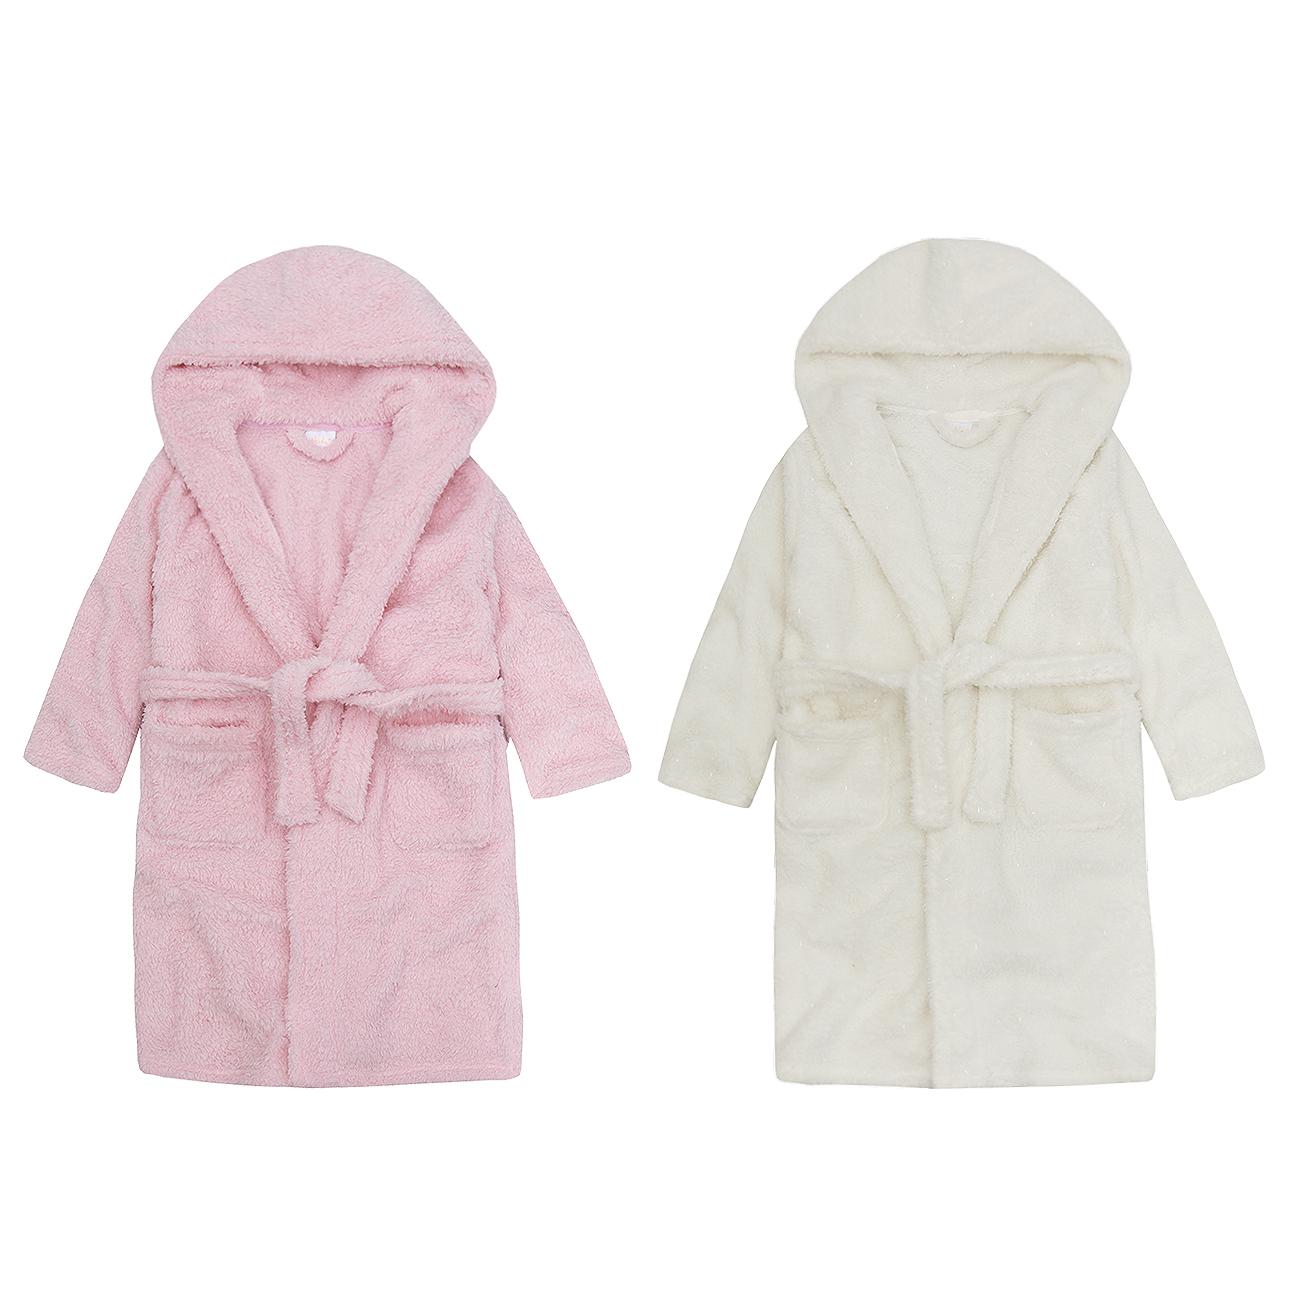 4KIDZ Girls Hooded Novelty Flannel Fleece Dressing Robe